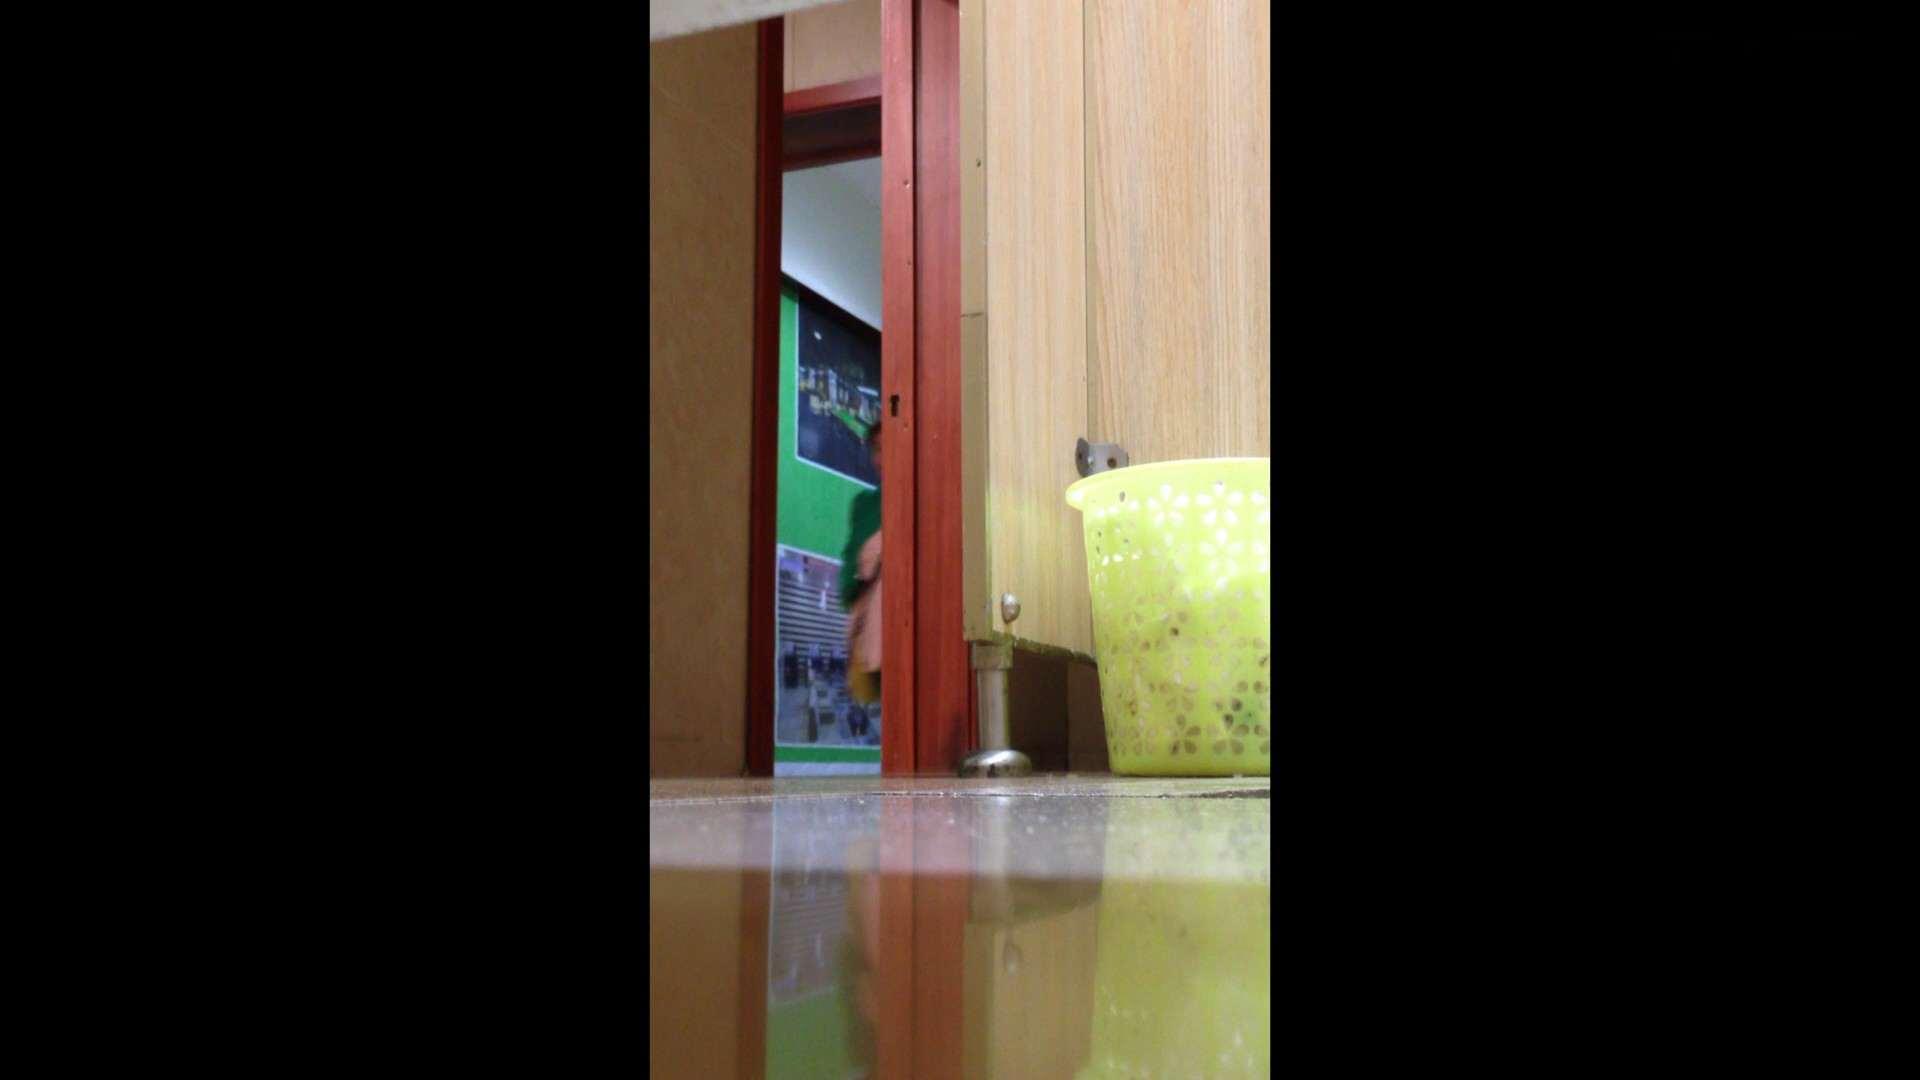 芸術大学ガチ潜入盗撮 JD盗撮 美女の洗面所の秘密 Vol.87 盗撮 | エッチなOL  79枚 73